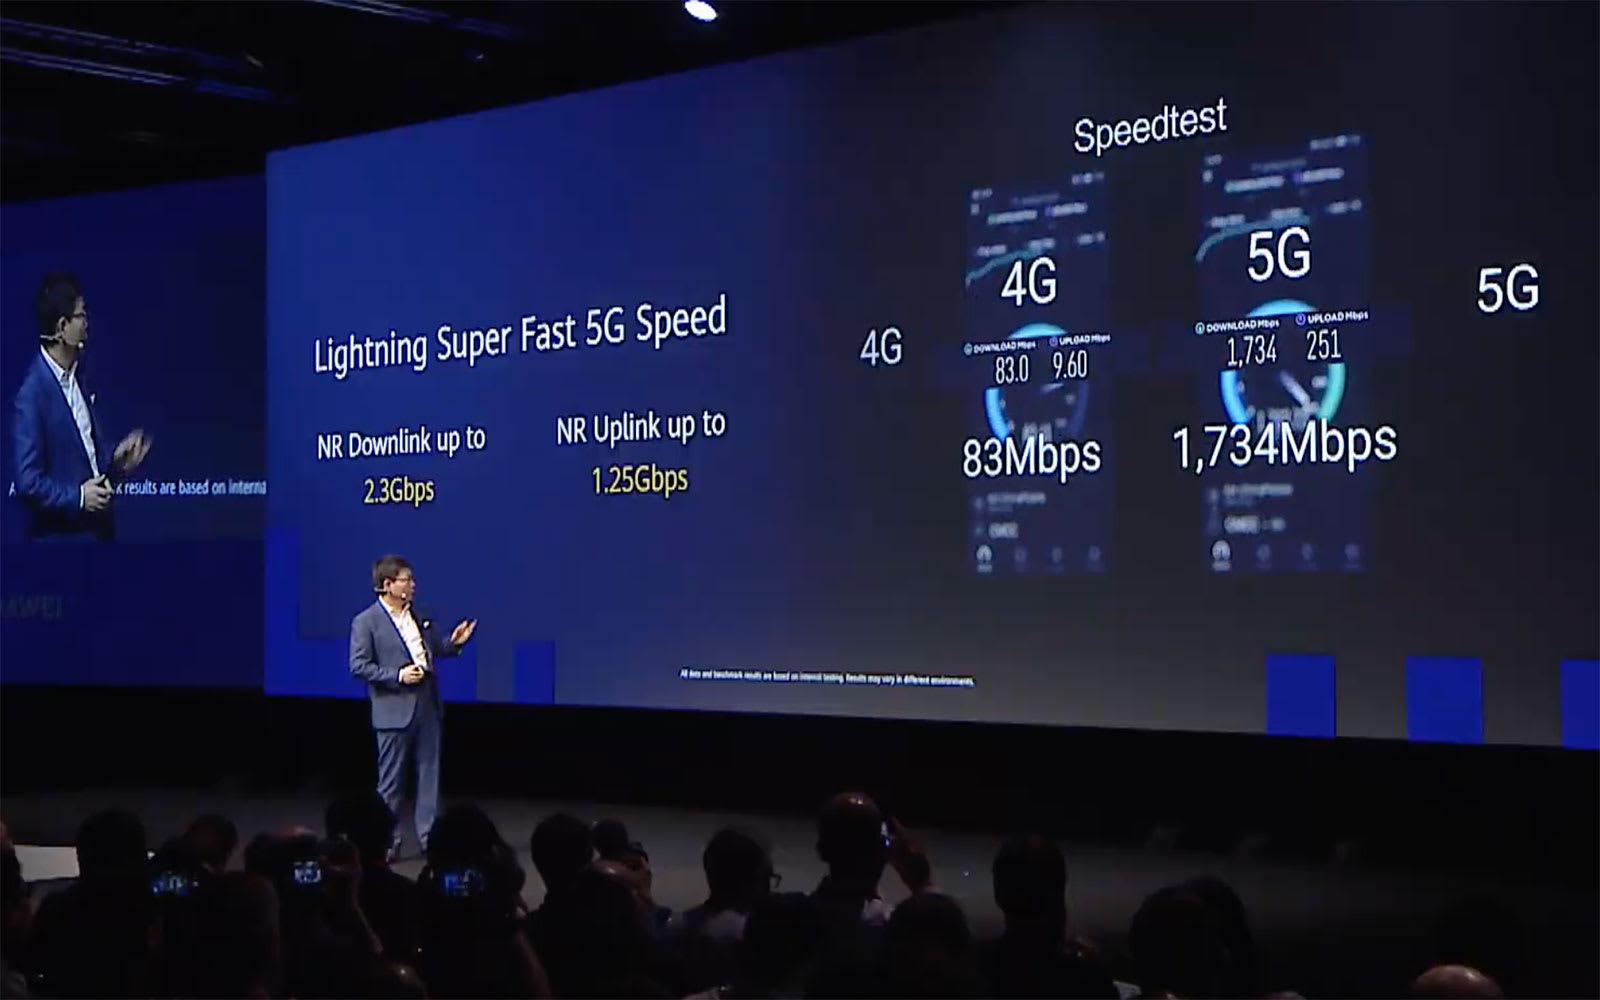 Kirin 990 lightning fast 5g speed